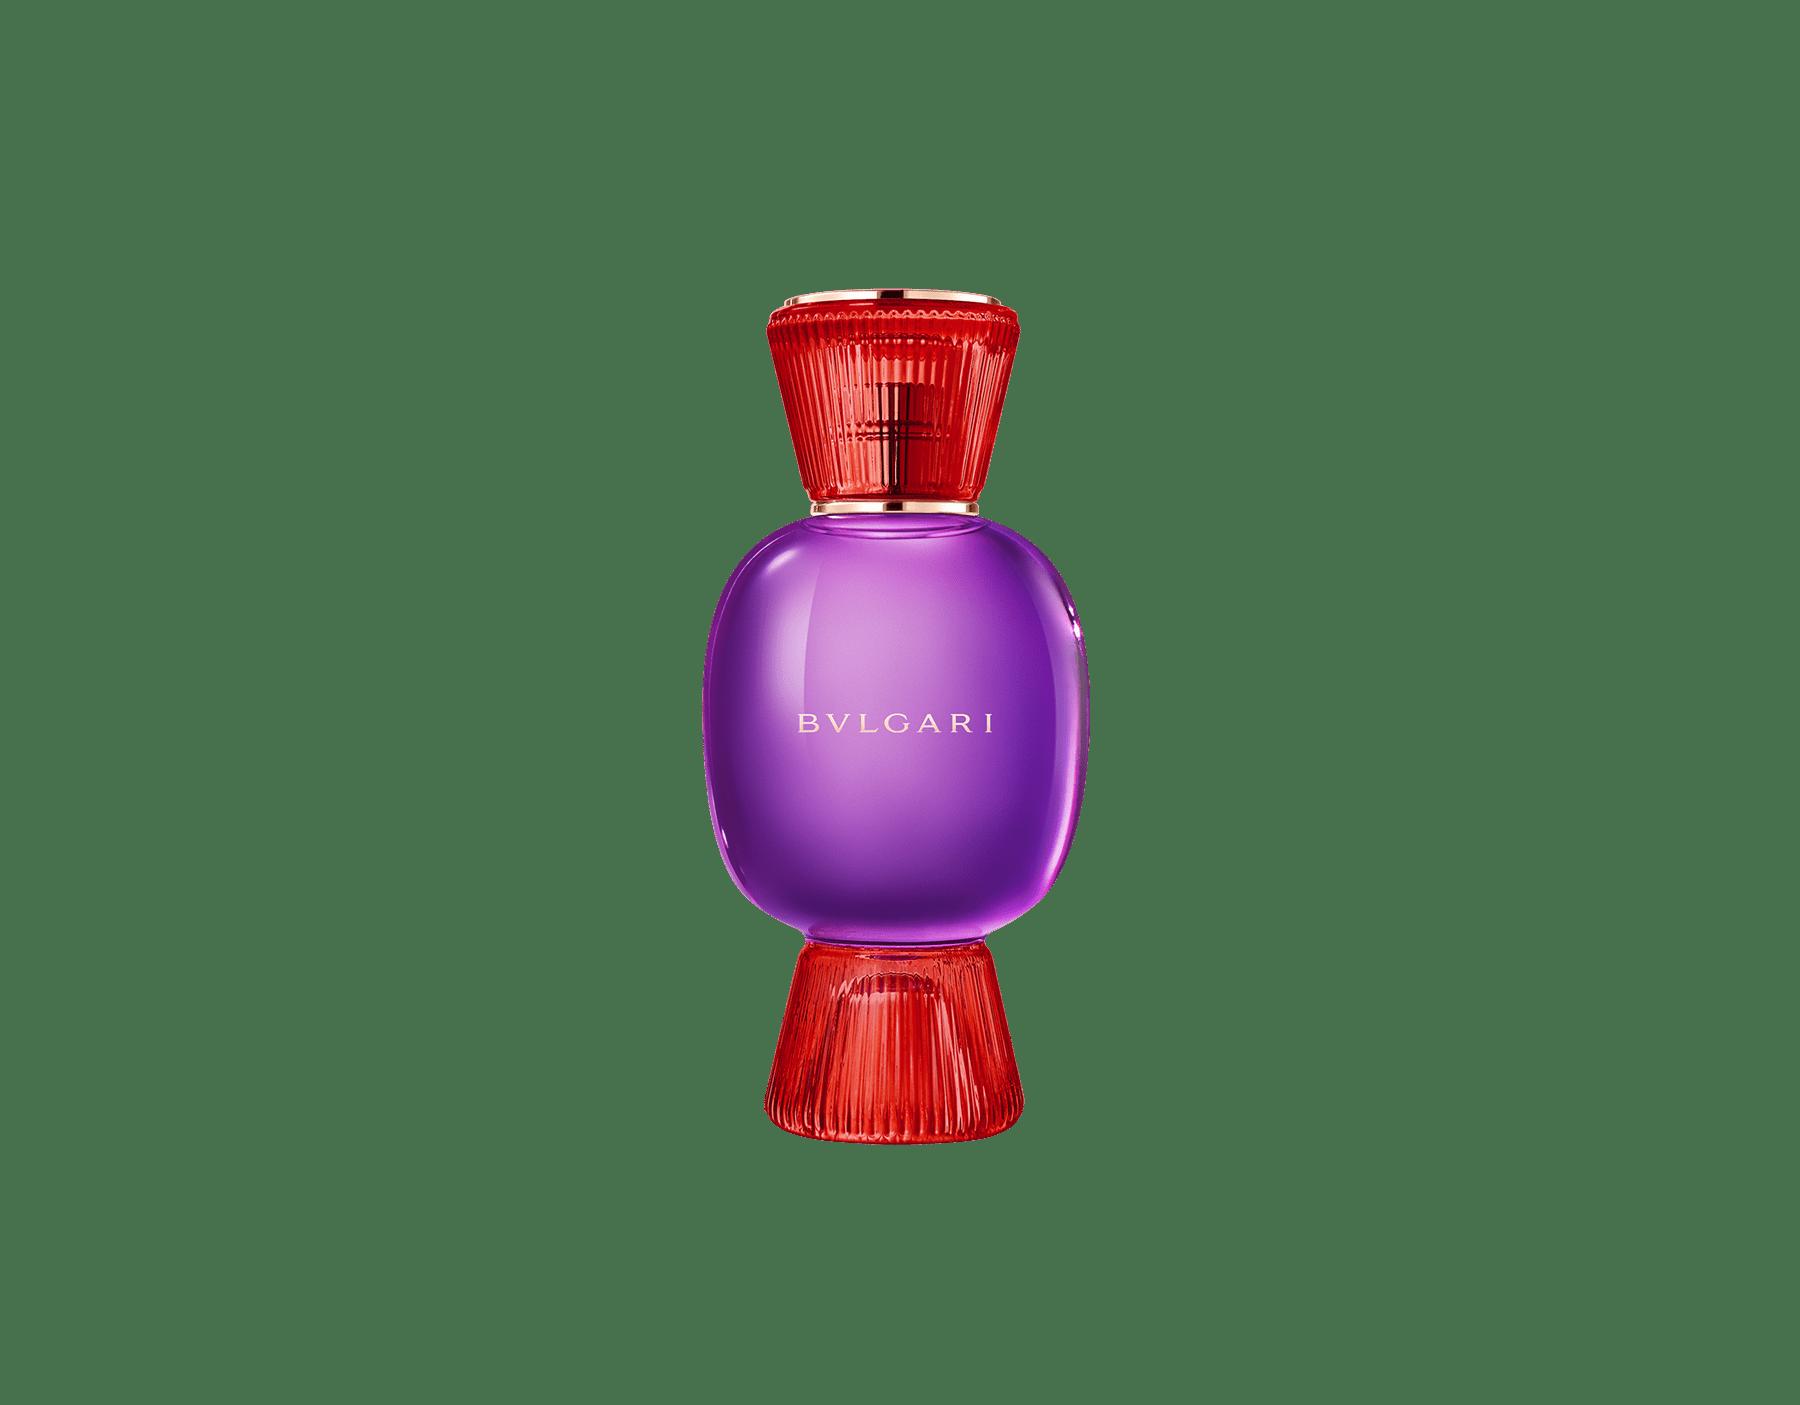 Una exclusiva combinación de perfumes, tan audaz y única como usted. El Eau de Parfum chipre festivo Fantasia Veneta de Allegra se combina con la fuerte sensualidad de la Magnifying Patchouli Essence, creando un irresistible perfume femenino personalizado. Perfume-Set-Fantasia-Veneta-Eau-de-Parfum-and-Patchouli-Magnifying image 2